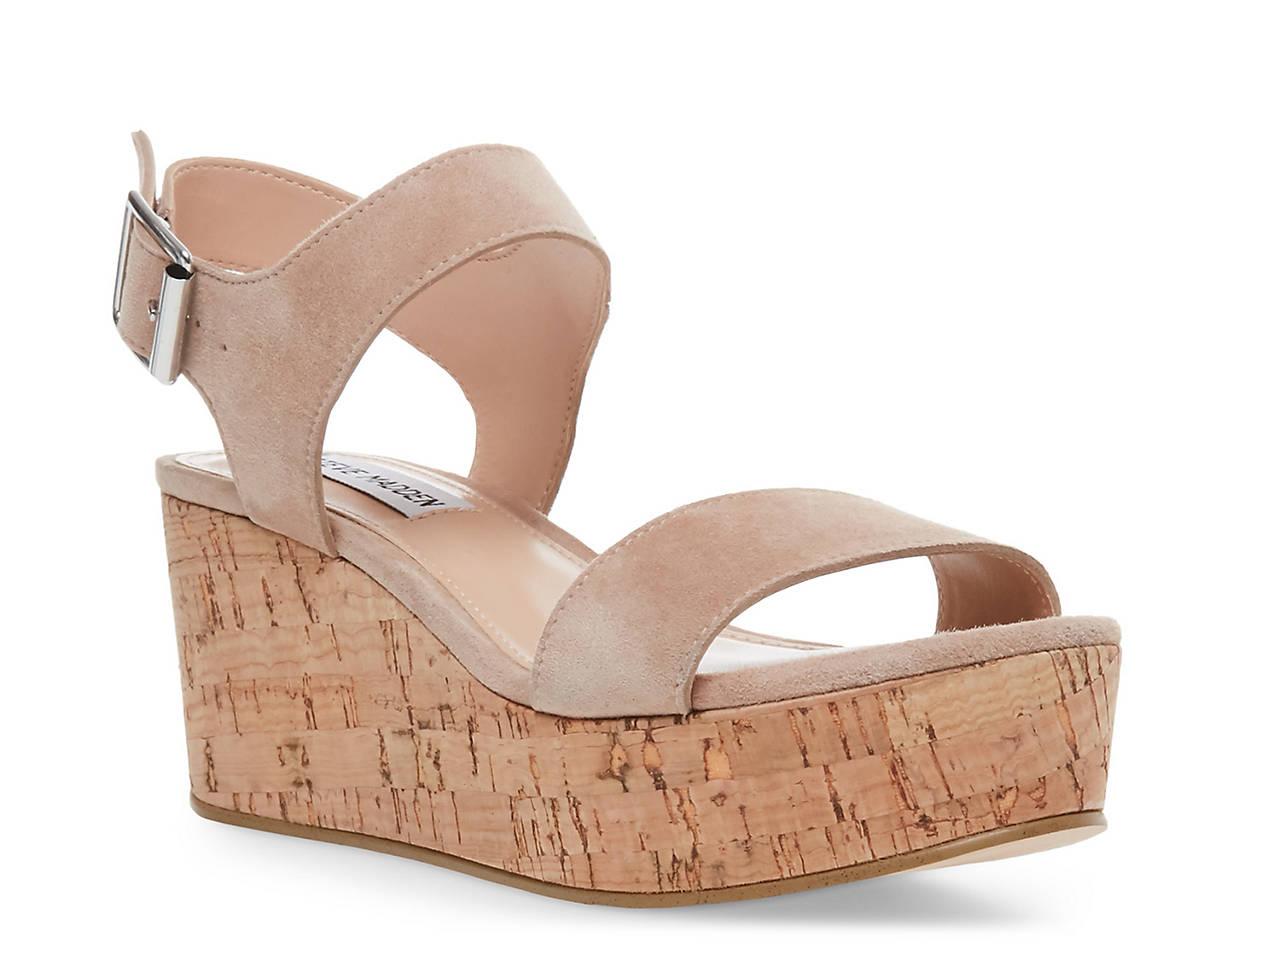 9e5338591 Steve Madden Breathe Wedge Sandal Women's Shoes | DSW